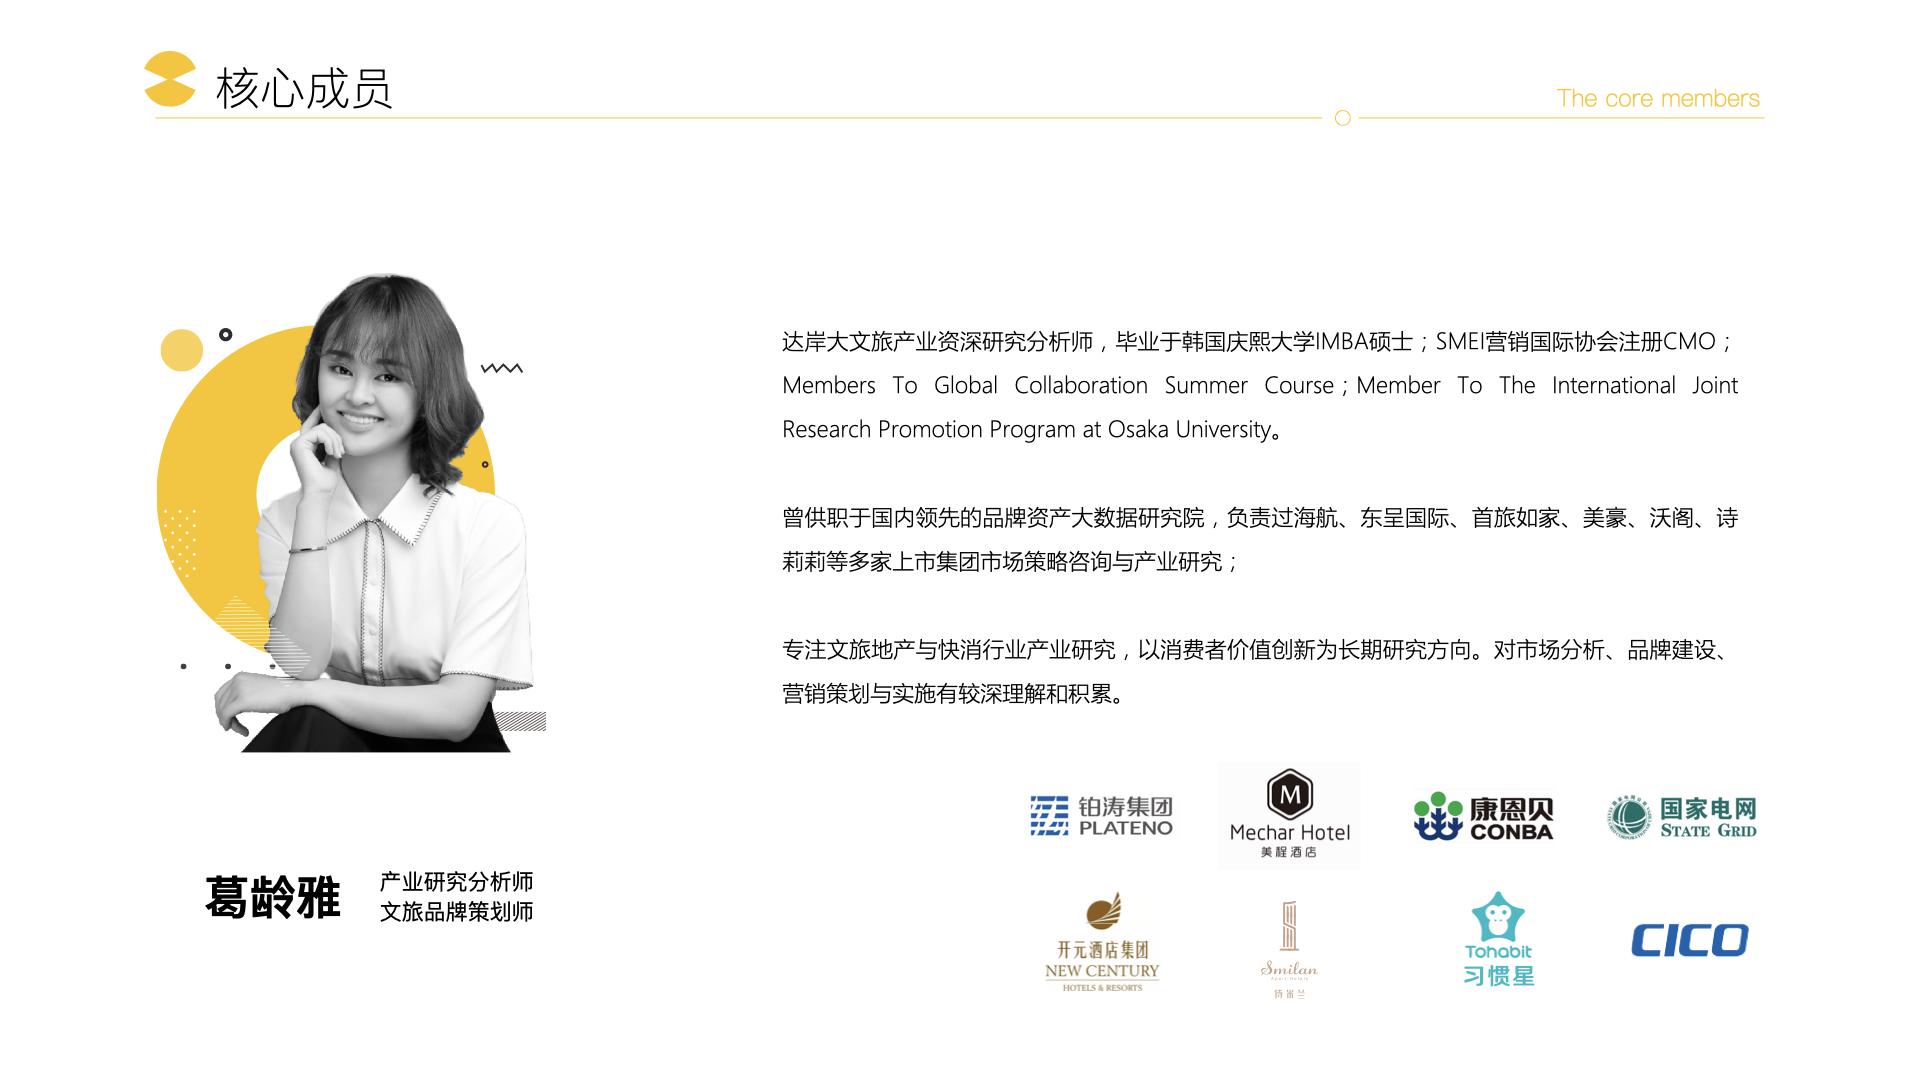 【公司-企业介绍】达岸品牌营销机构20200526.025